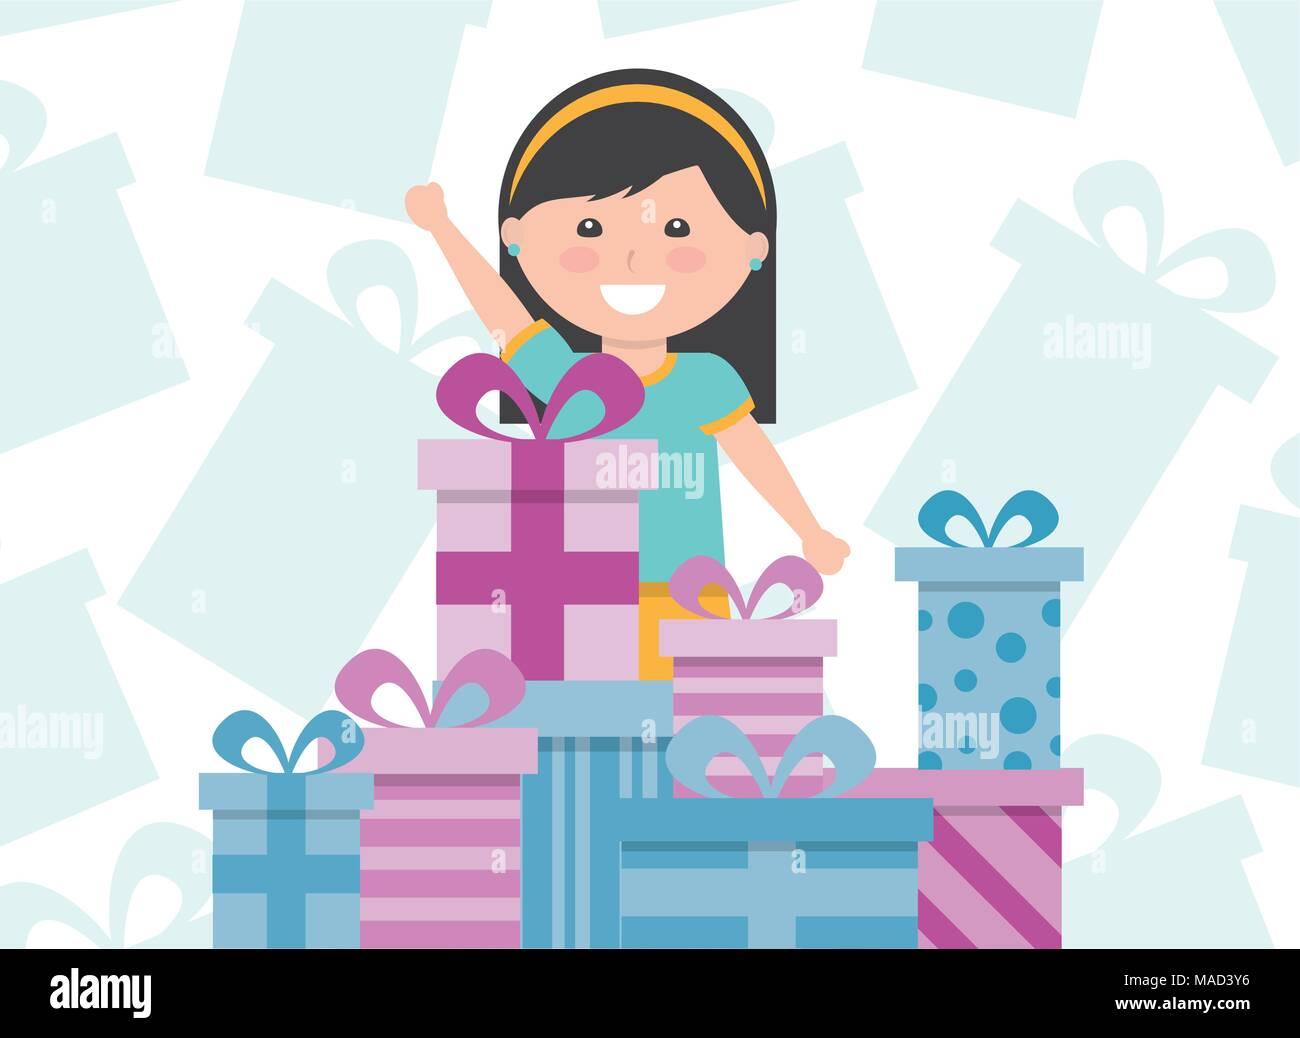 Jeune Fille Mignonne Avec Cadeaux Empiles Enfants Joyeux